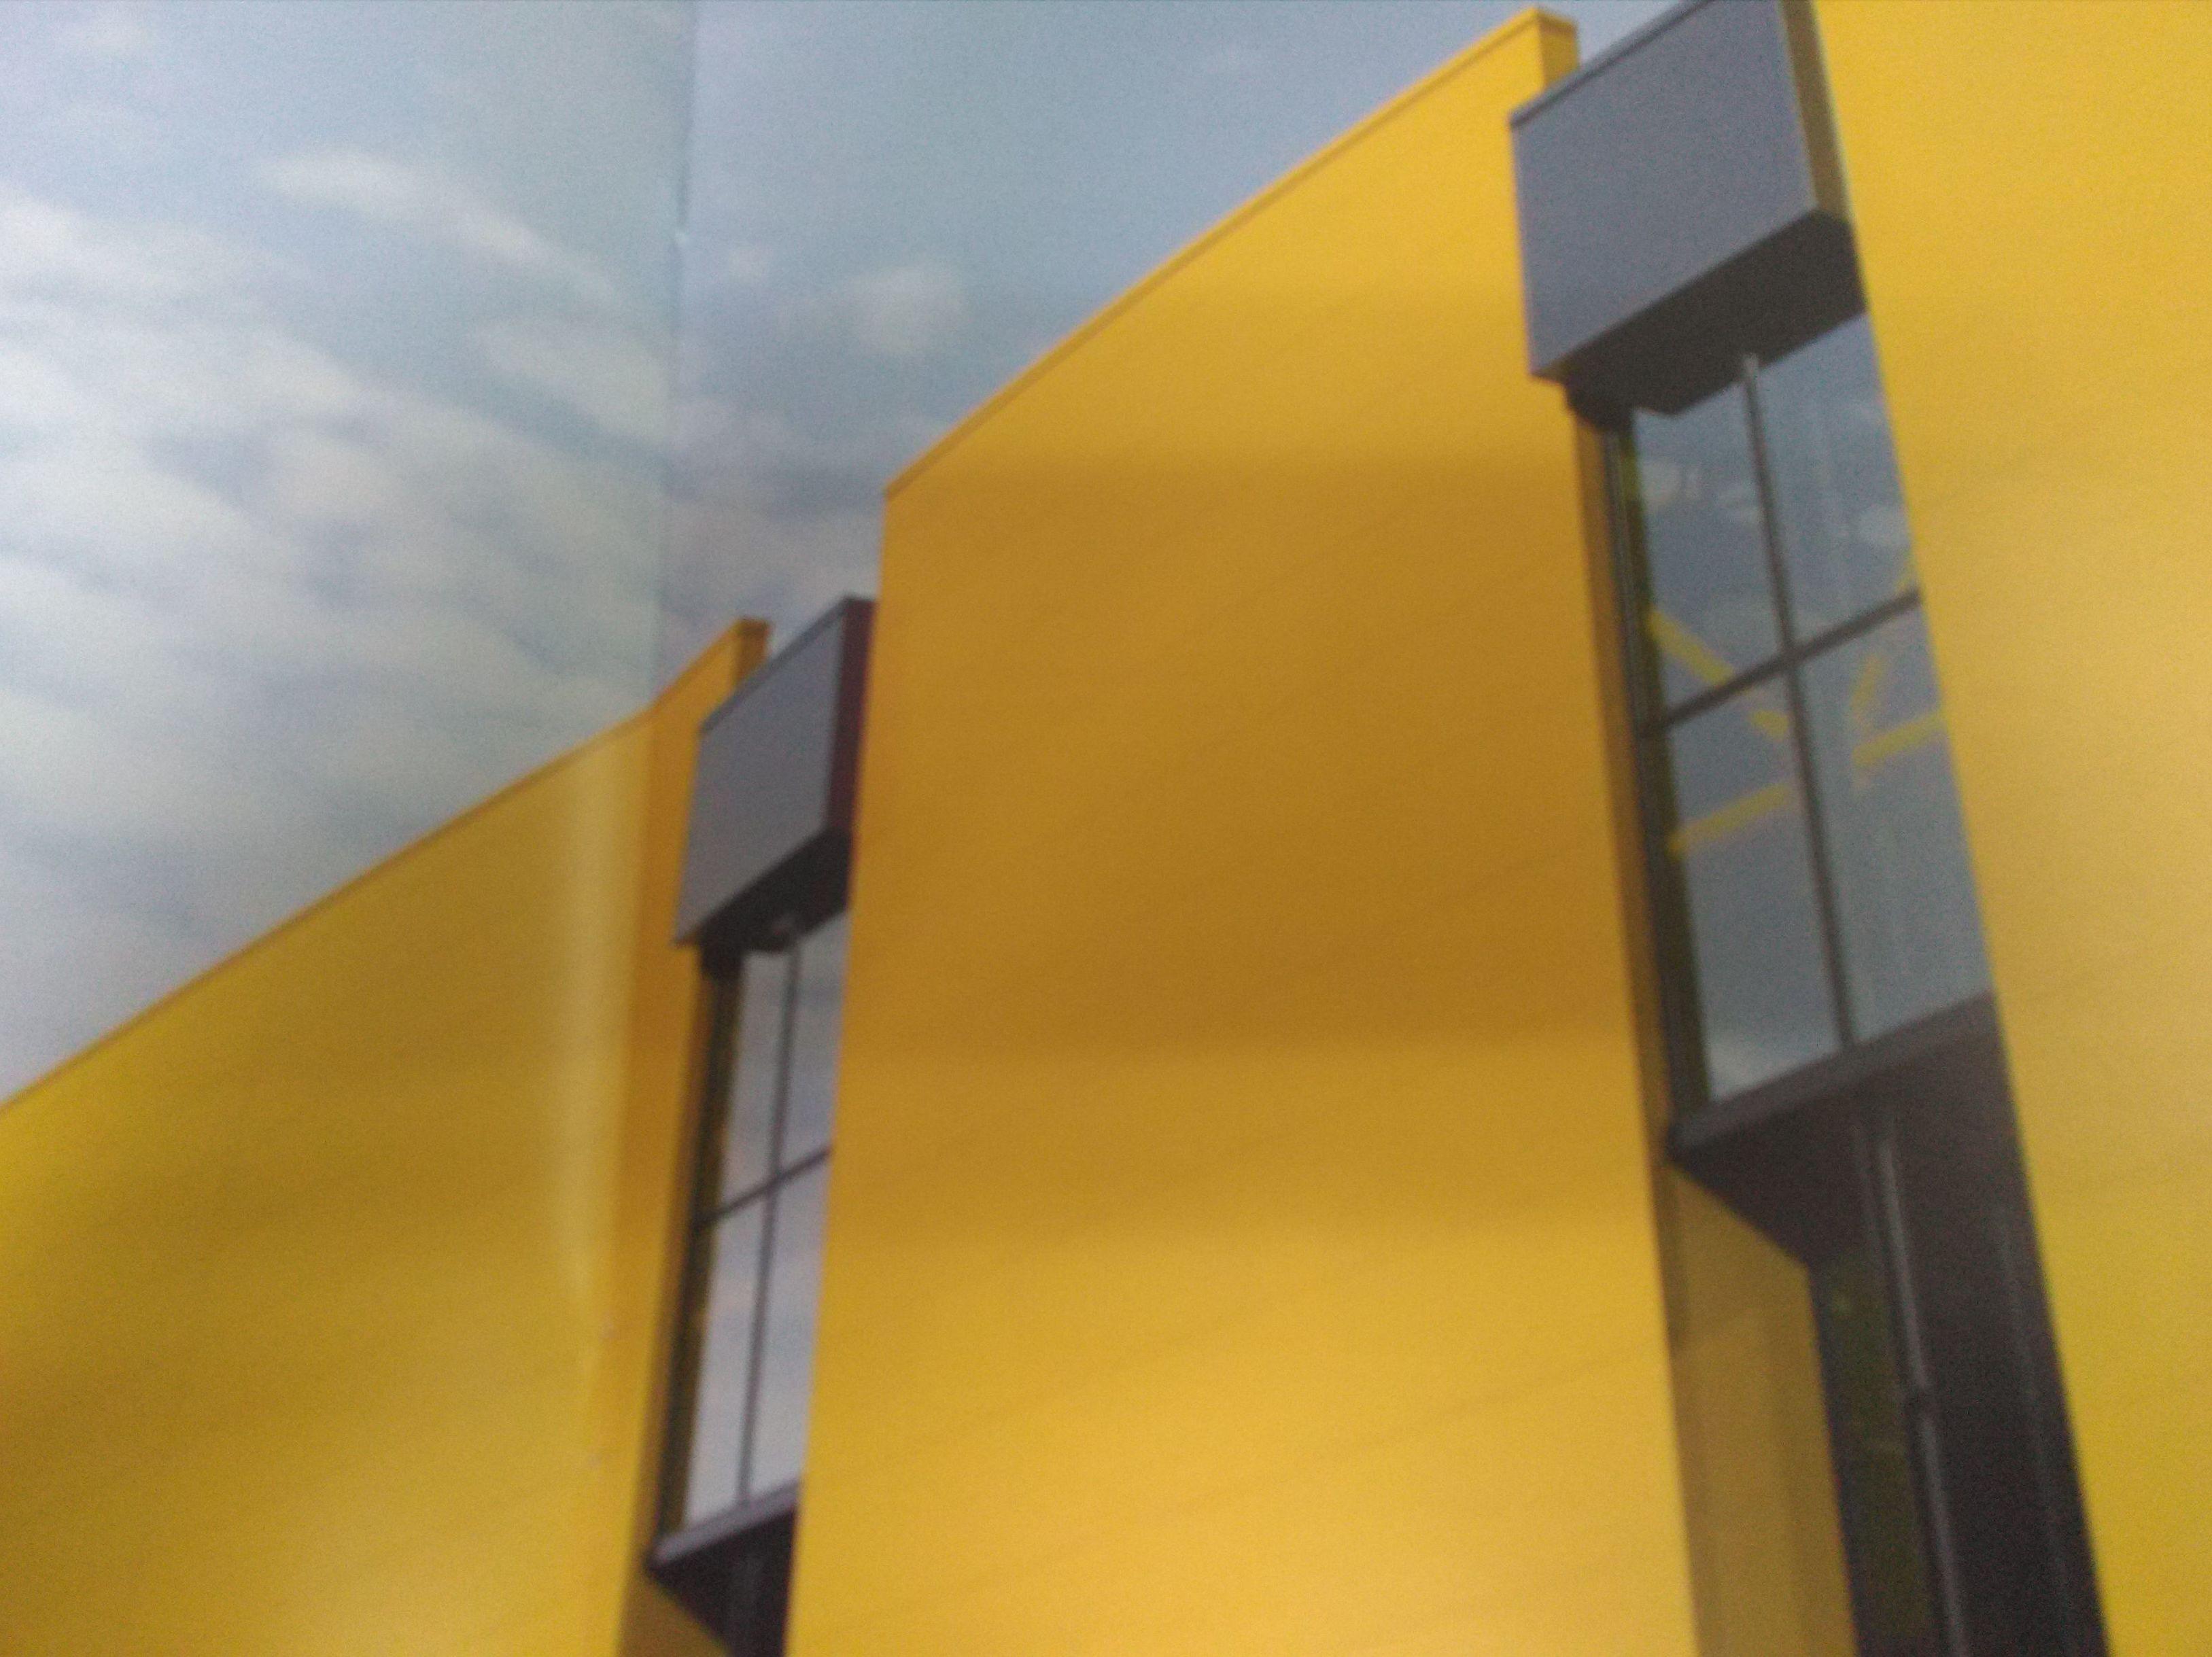 PANELES SANDWICH: Servicios de Exposición, Carpintería de aluminio- toldos-cerrajeria - reformas del hogar.